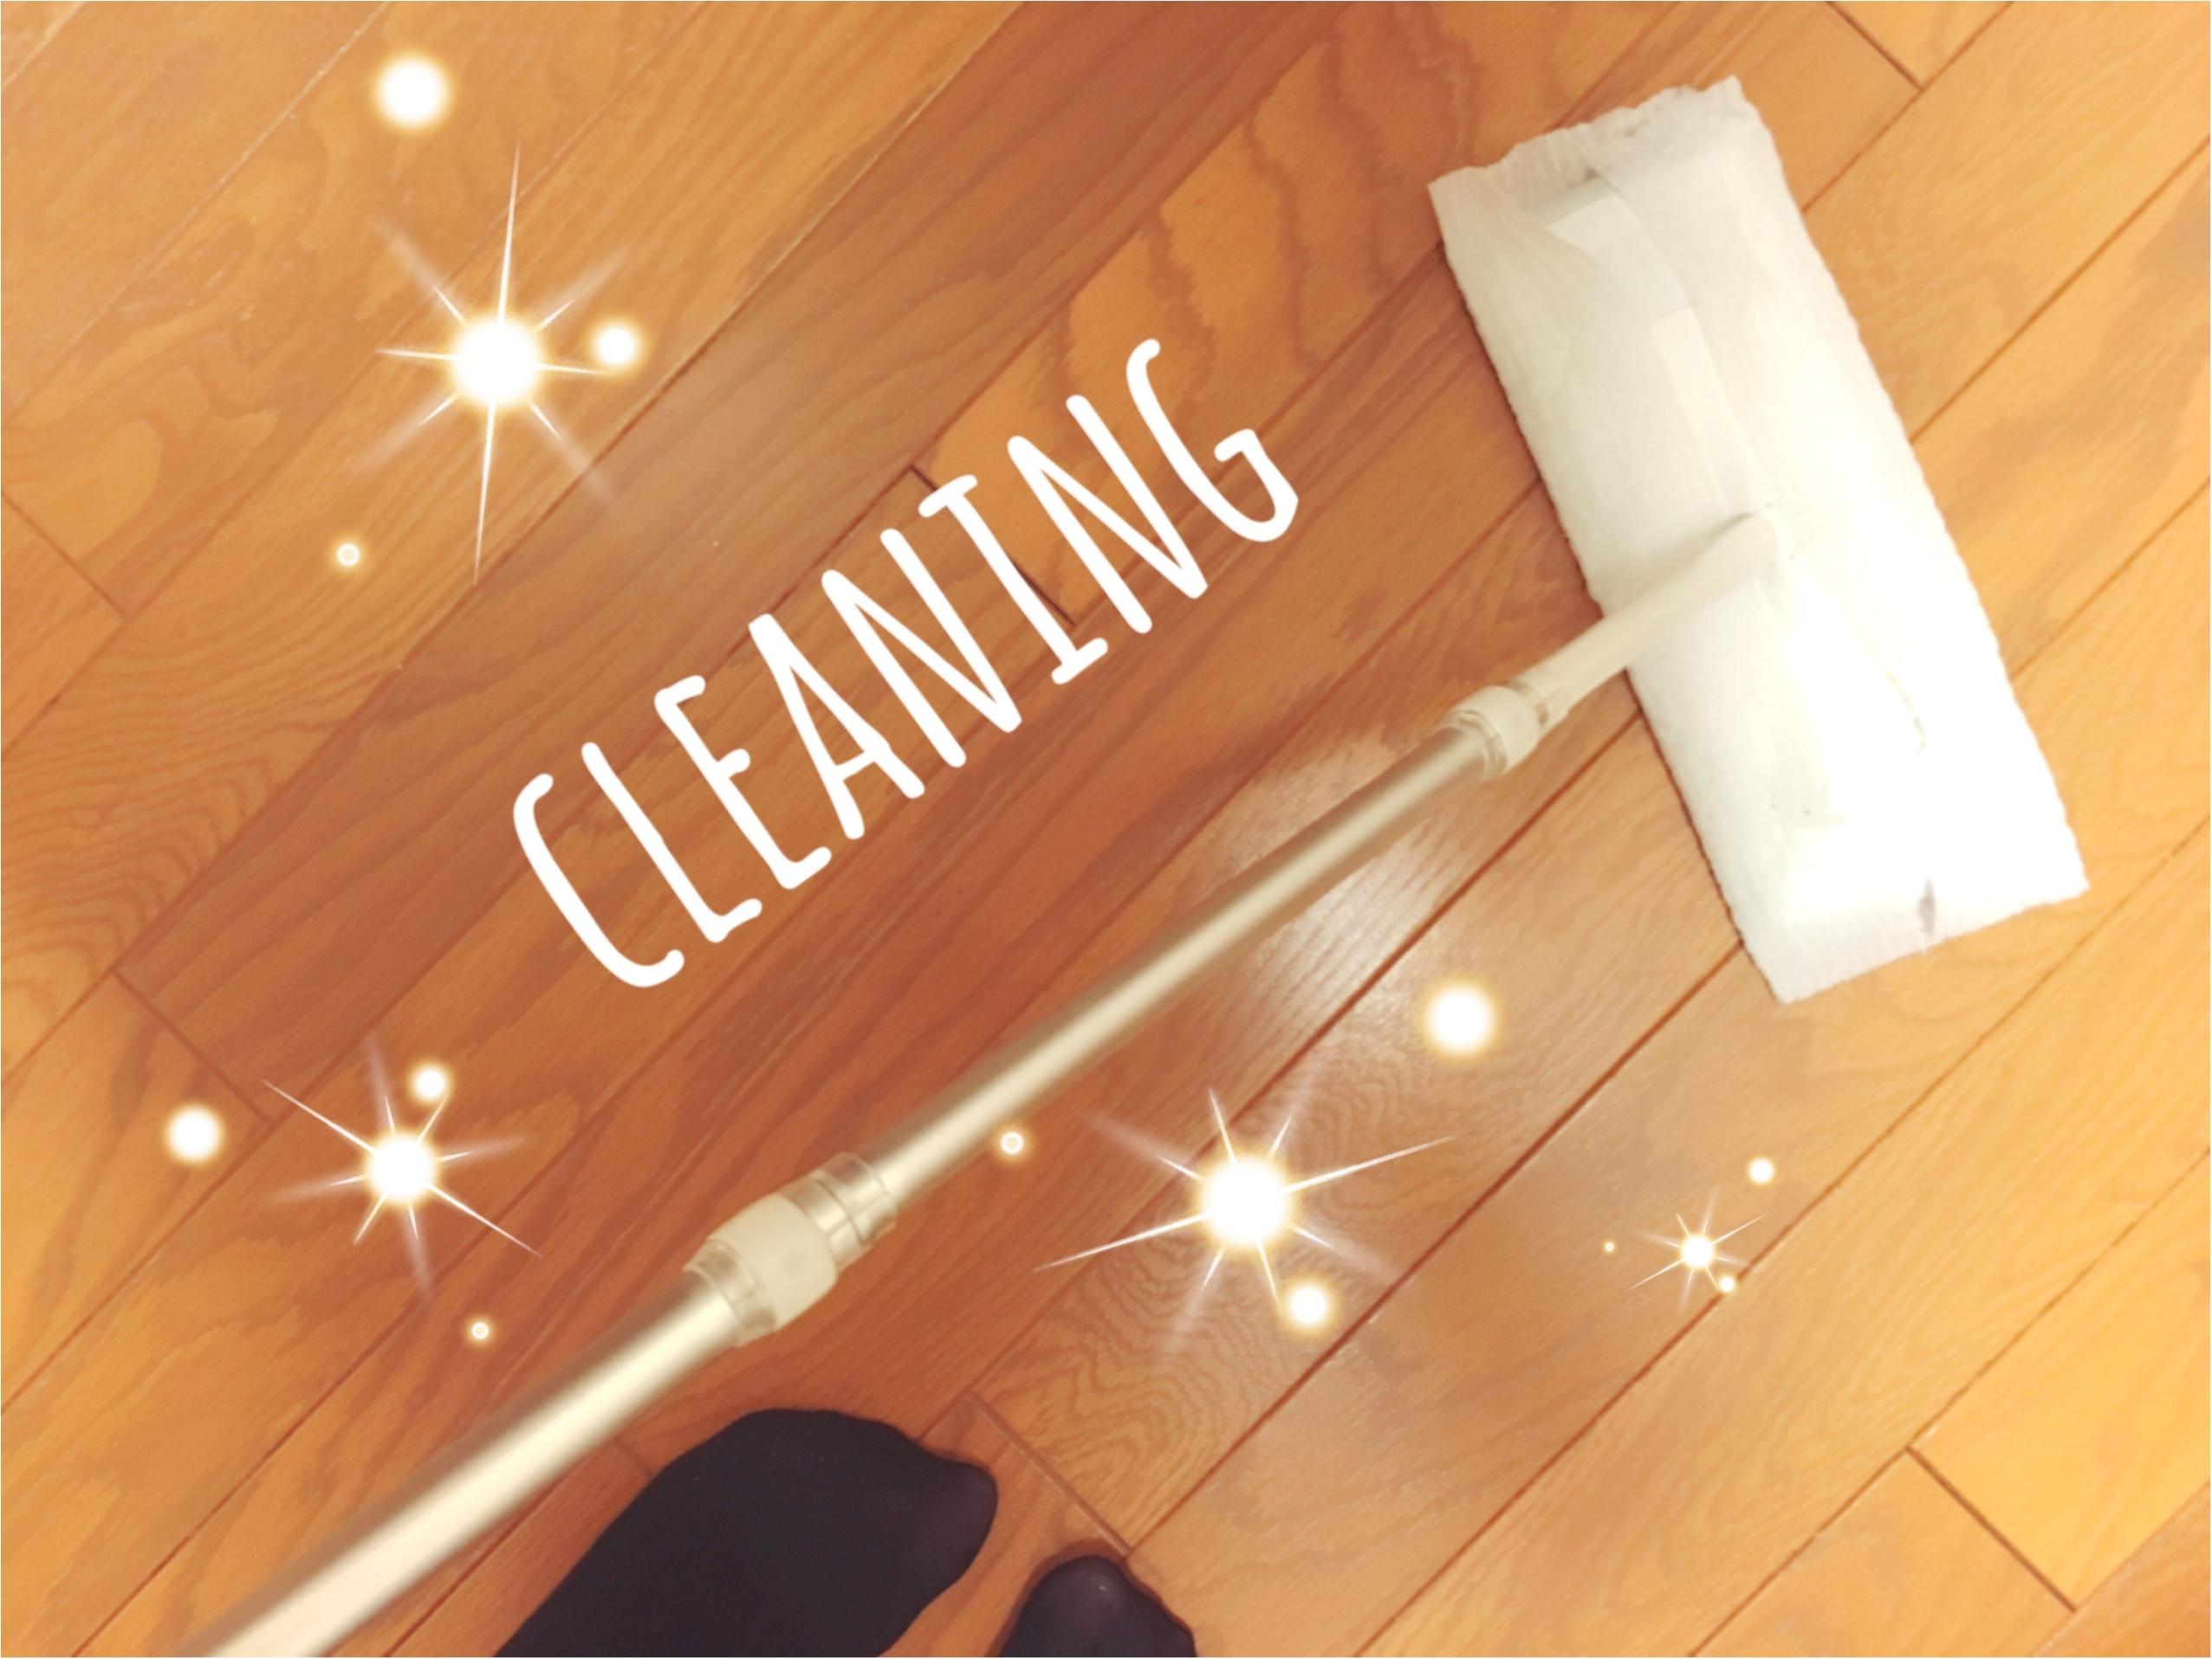 《忙しいaround27モア世代にオススメ♡》大掃除にもお役立ち!普段もささっと使える万能クイックルワイパー☆★☆_5